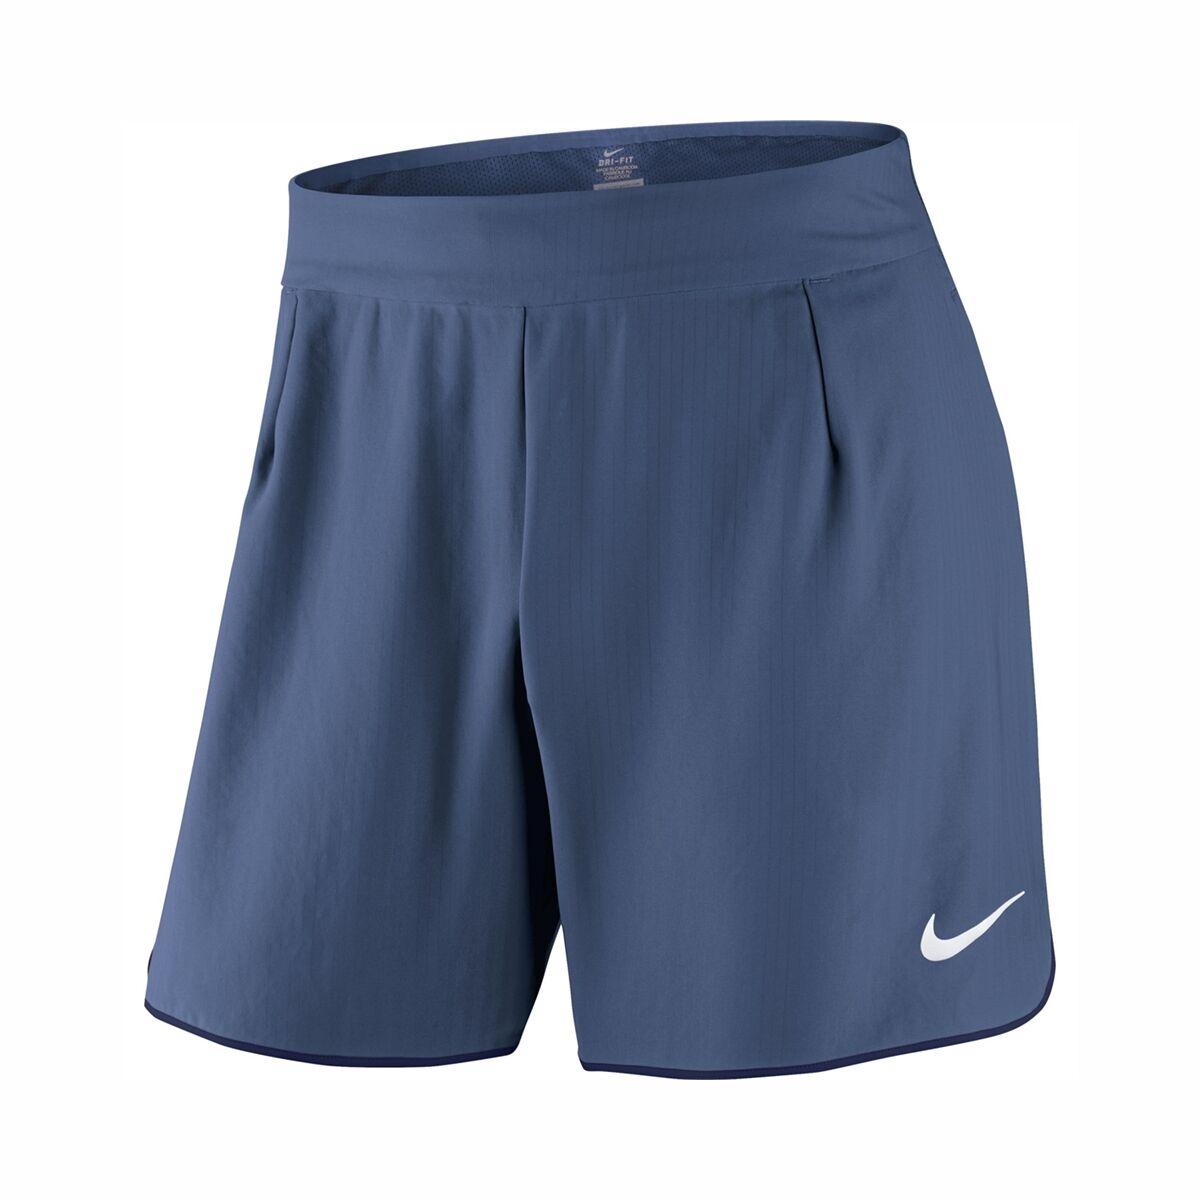 Nike FLX Gladiator Shorts 7'' Ocean Fog Size XL XL